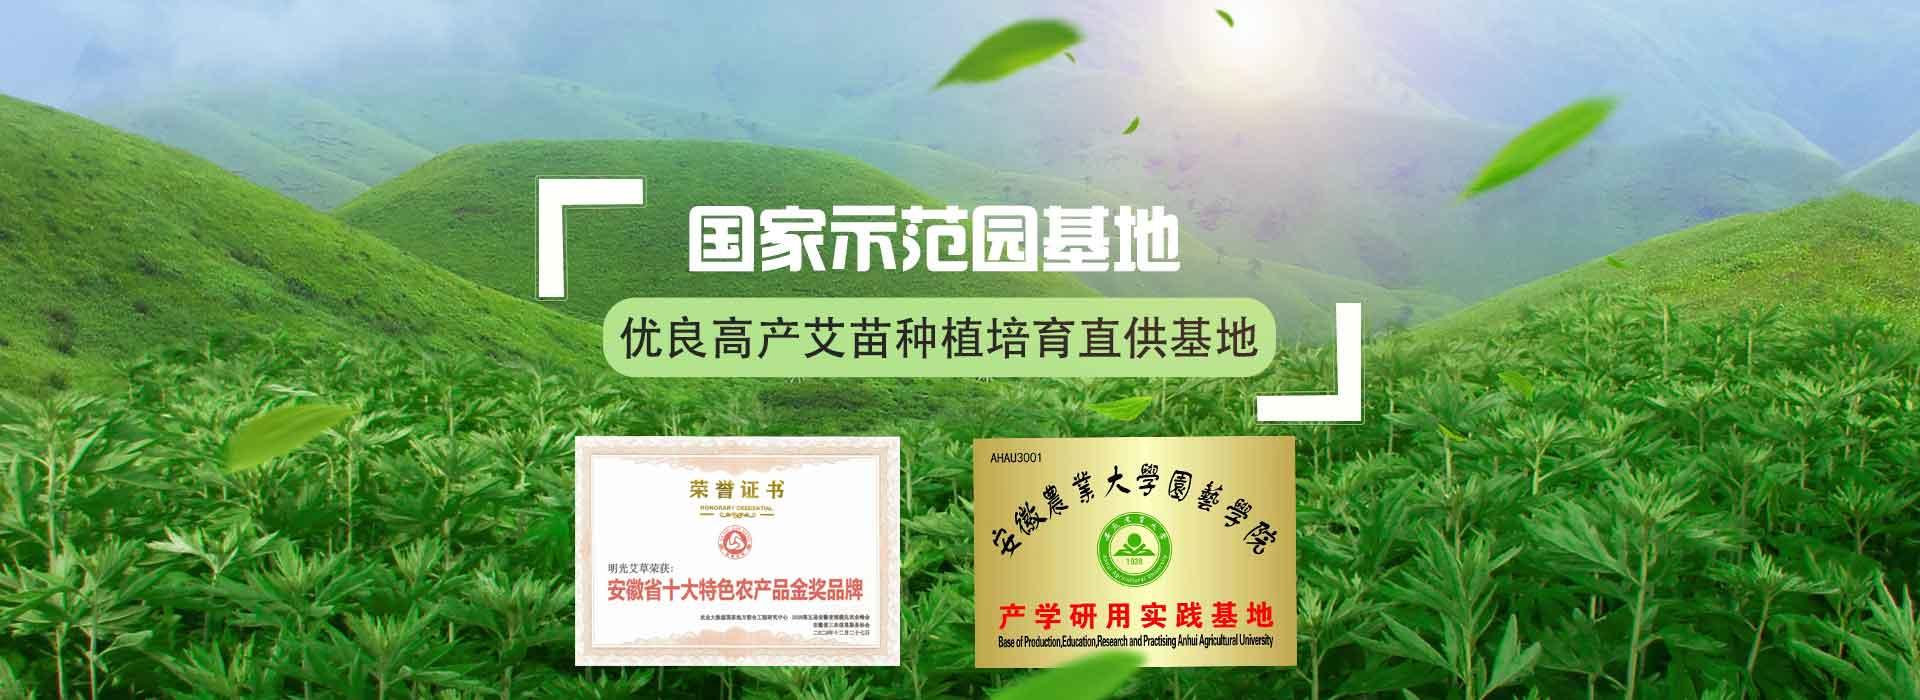 绿爱-国家示范园种植基地